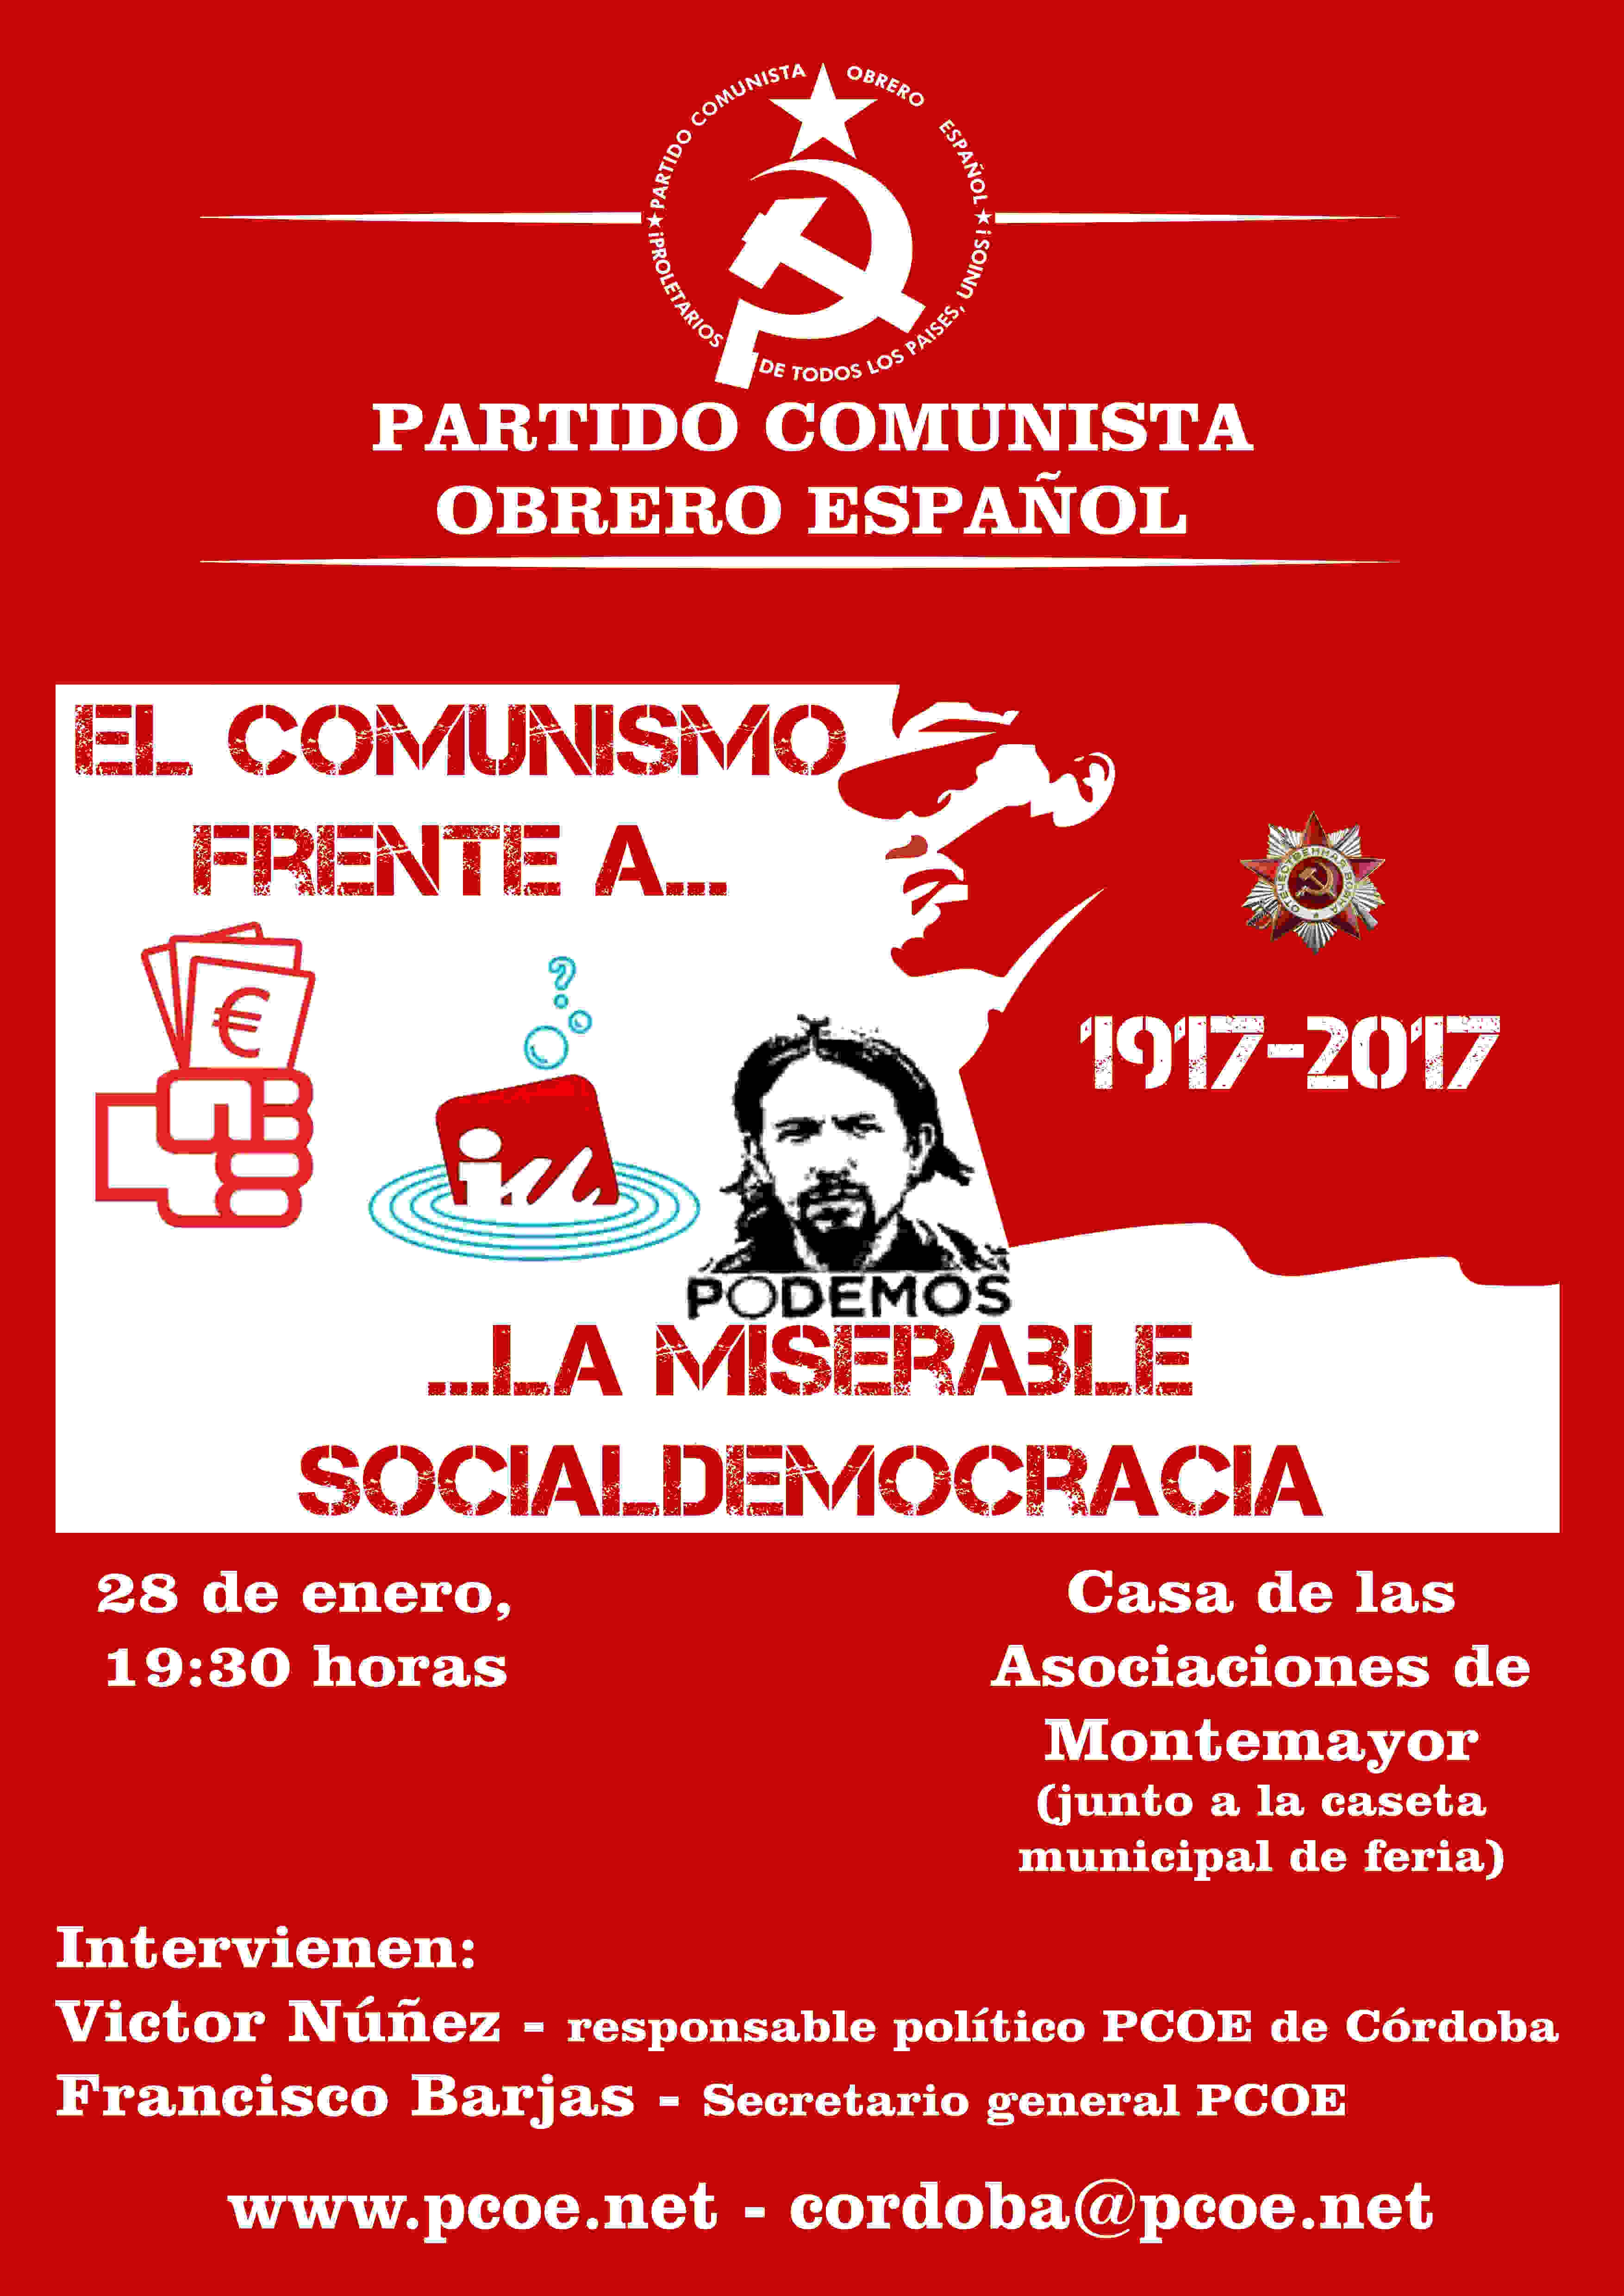 El próximo sábado 28 de enero a las 19h30 en la Casa de las Asociaciones de Montemayor (Córdoba) tendrá lugar el acto público del PCOE que tratará sobre «el comunismo…